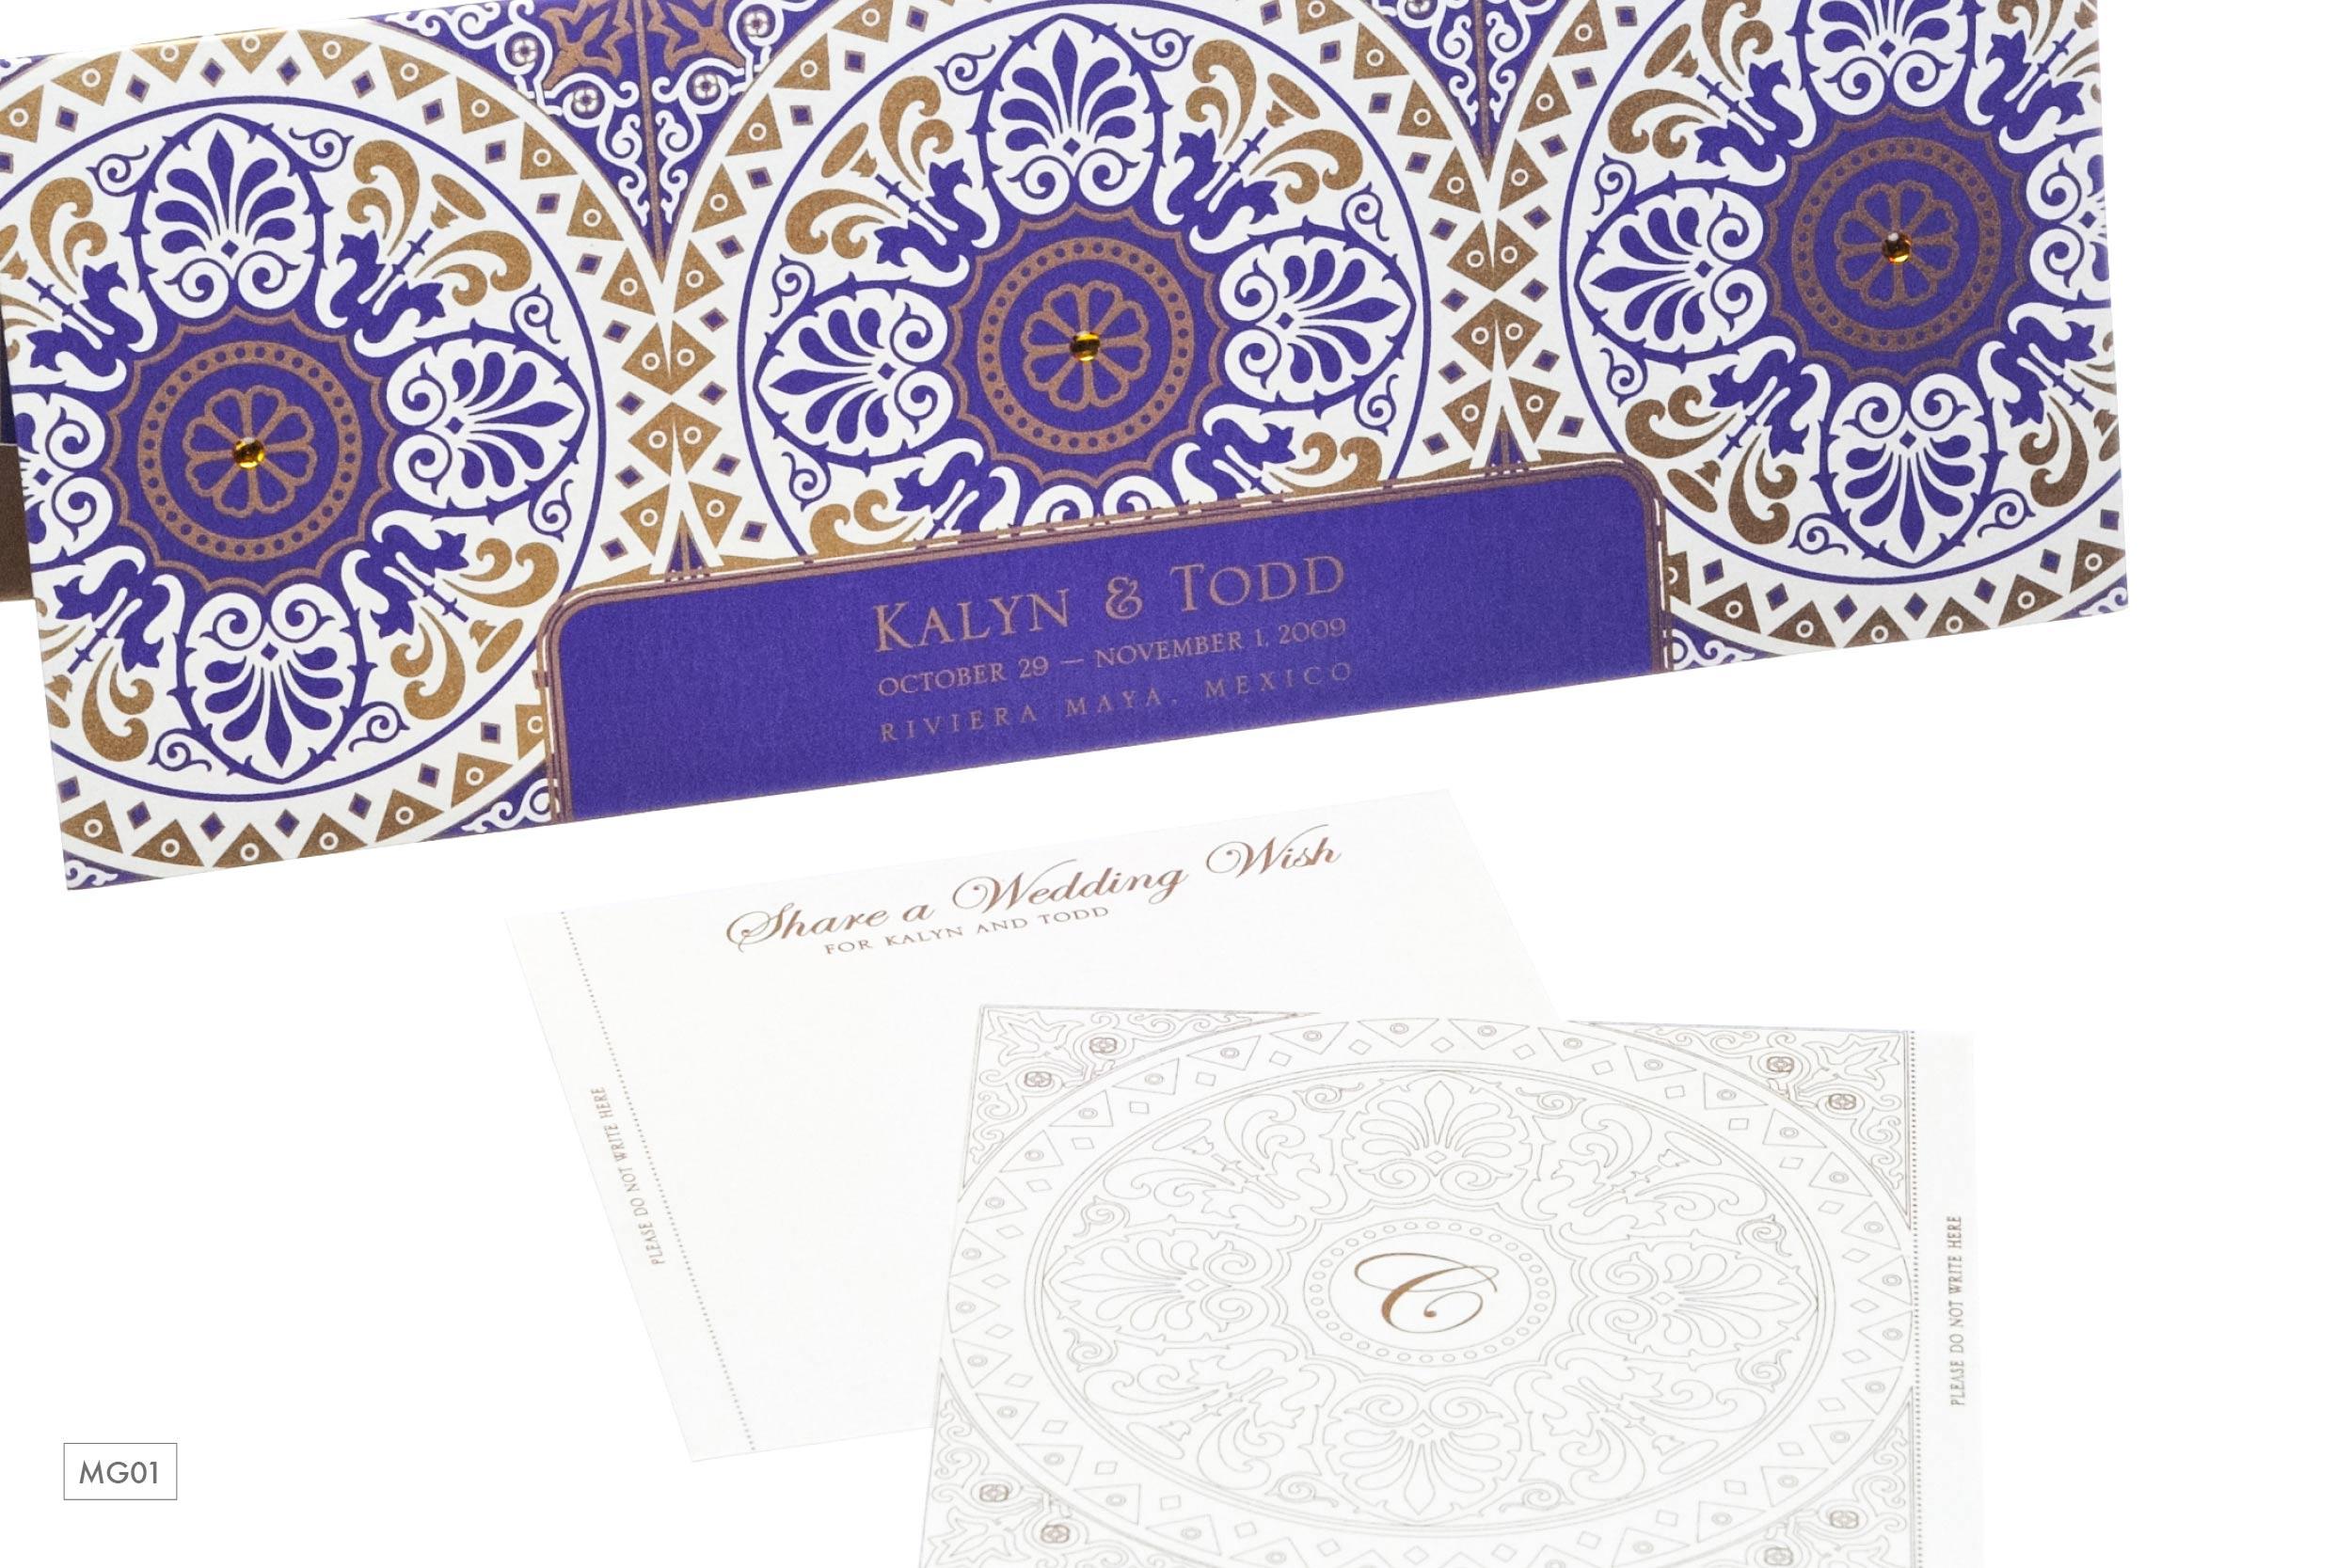 ananya-wedding-stationery-monogram5.jpg